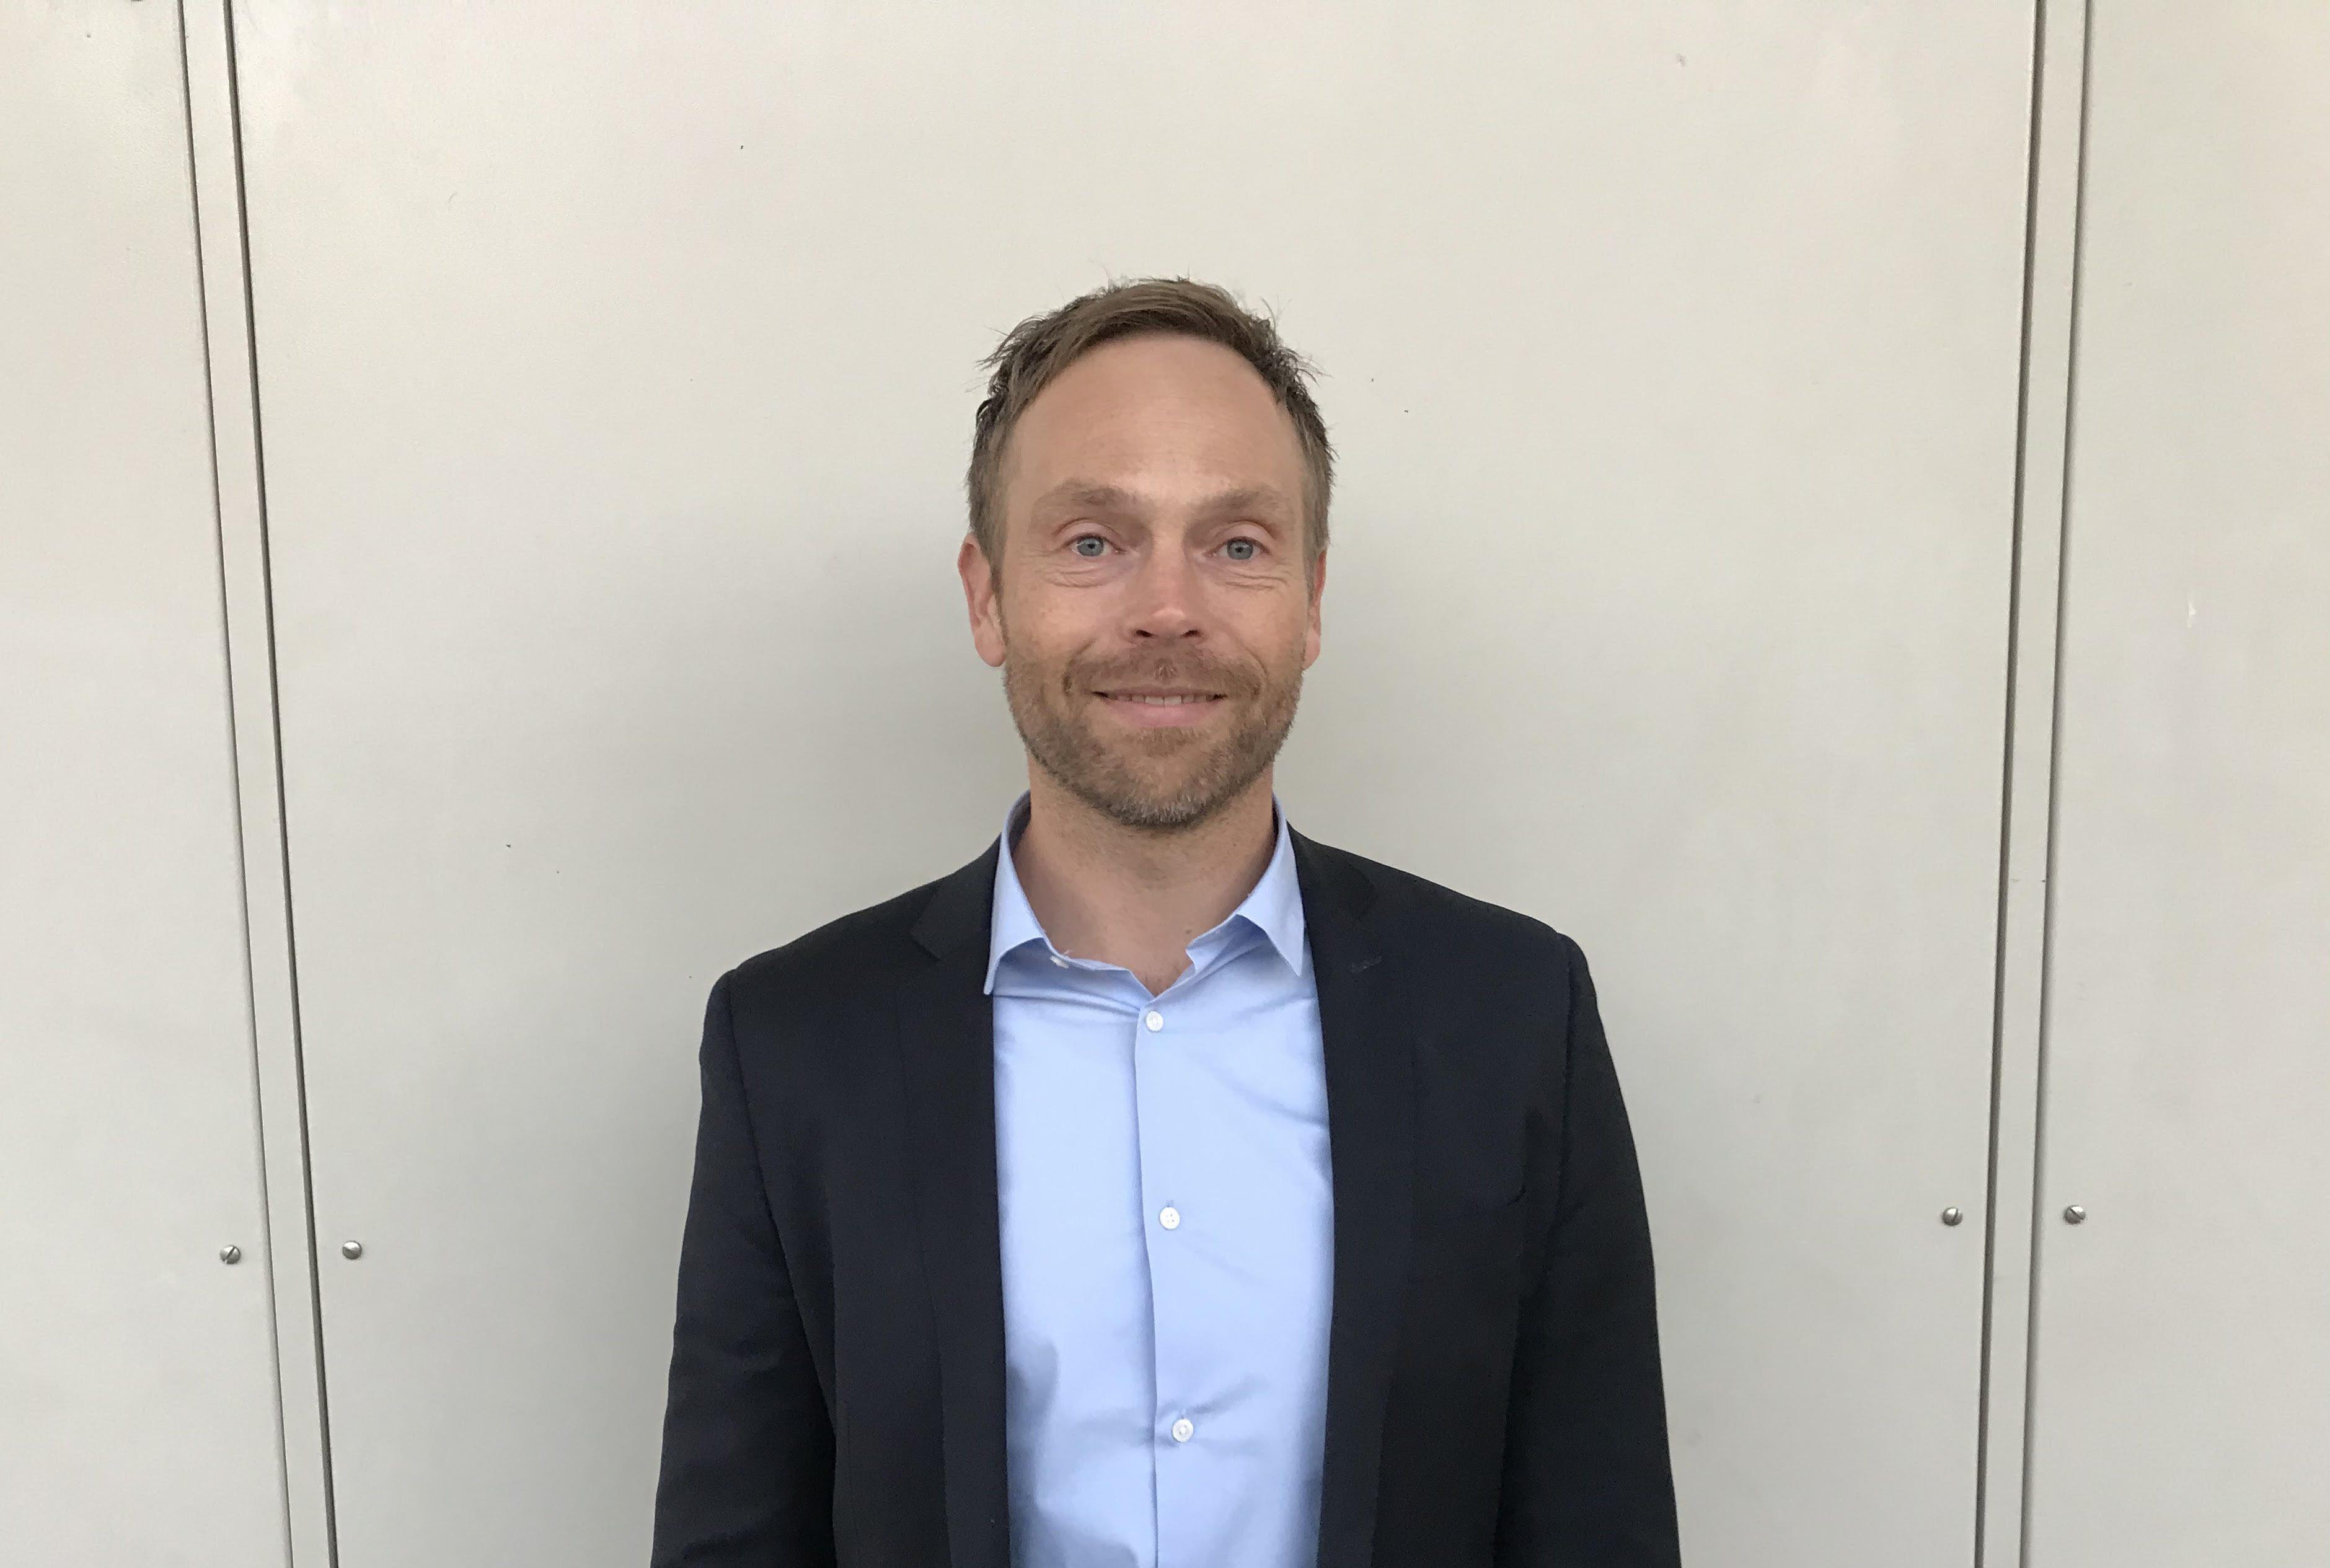 Danske Henrik Qvist Jensen er nu administrerende direktør for Petter Stordalens Strawberrys ejendomsdivision, som består af de tre ejendomsselskaber Strawberry Properties, Strawberry Fields og Strawberry Brothers. I ejendomsporteføljen indgår blandt andet nordiske 24 hoteller. Foto: Nordic Choice Hotels.